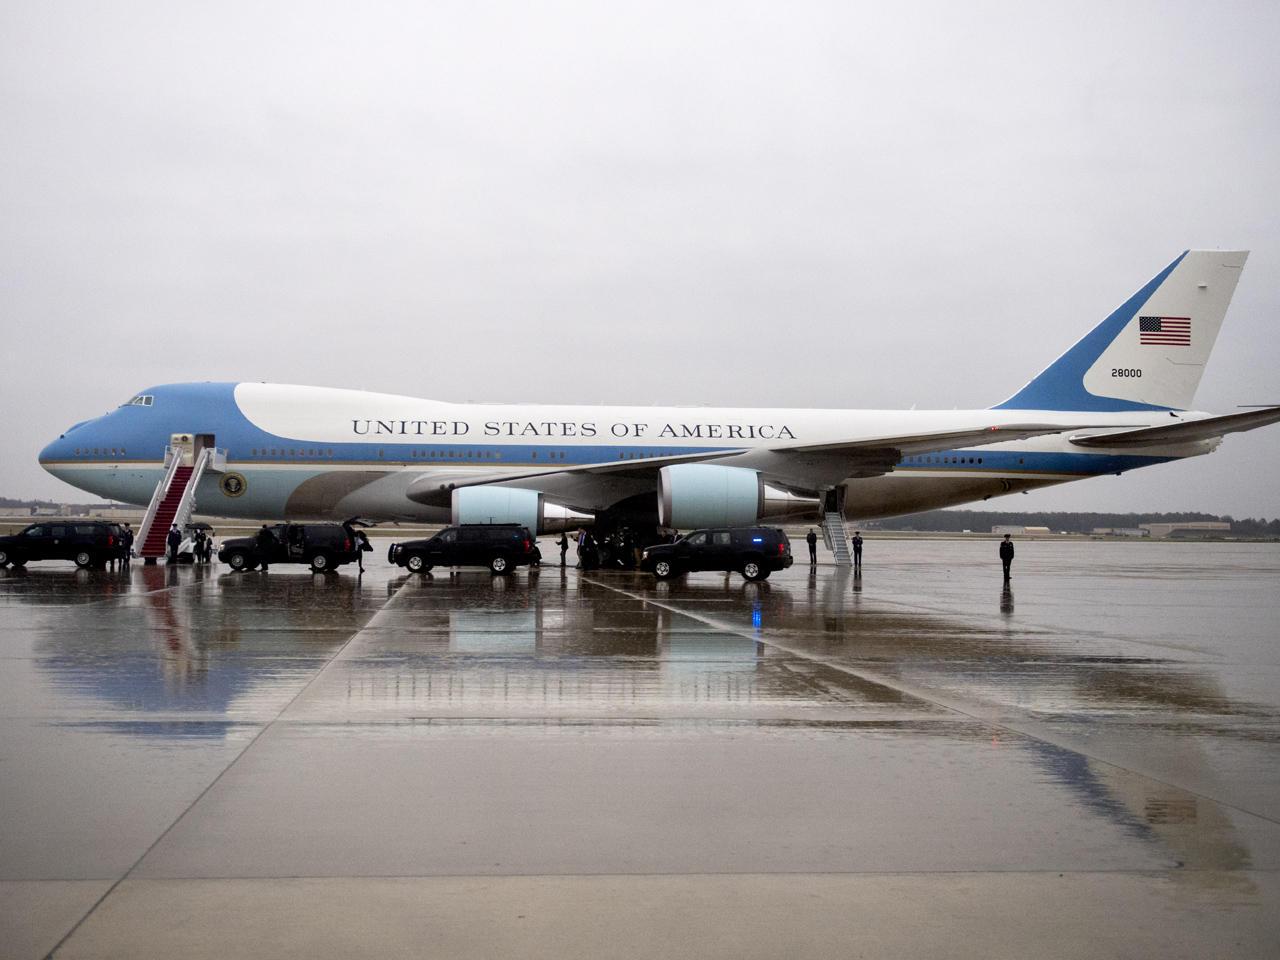 pas cher pour réduction 86ff4 64e63 Trump reveals details of planned Air Force One makeover ...